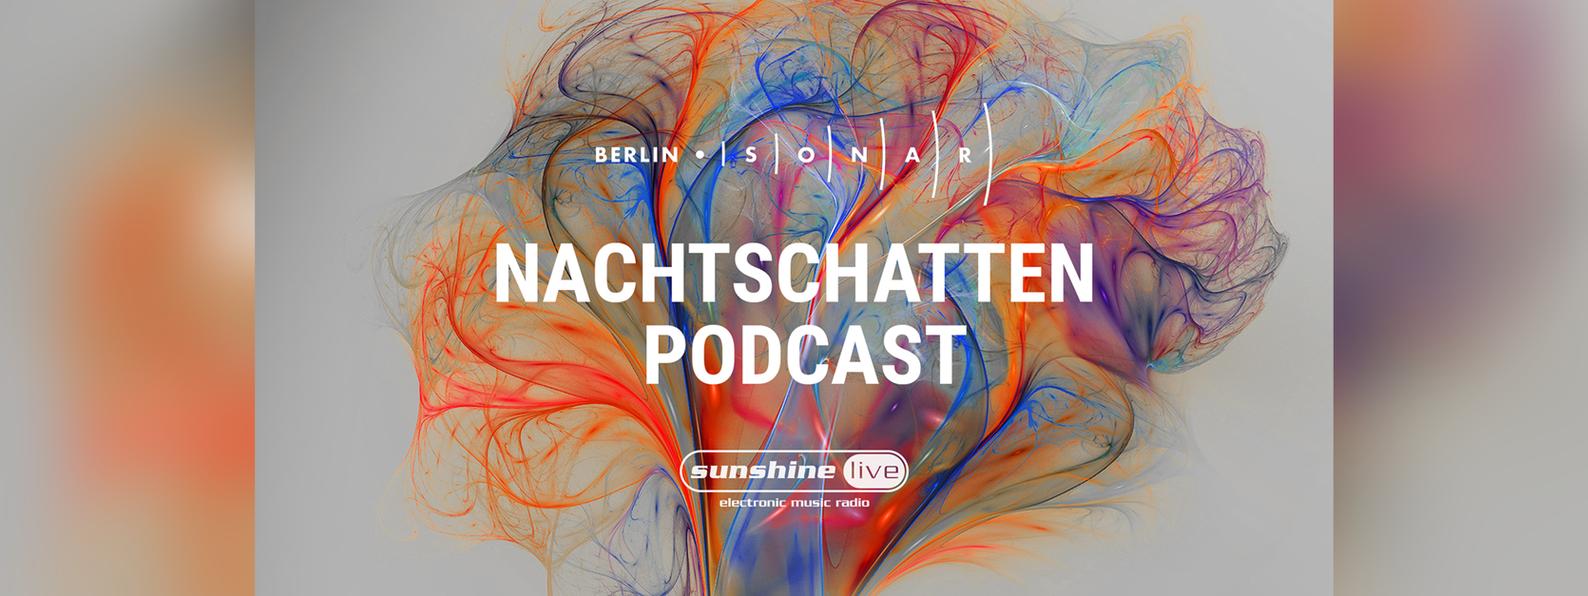 Nachtschatten – Der Podcast über Drogen und Nachtleben